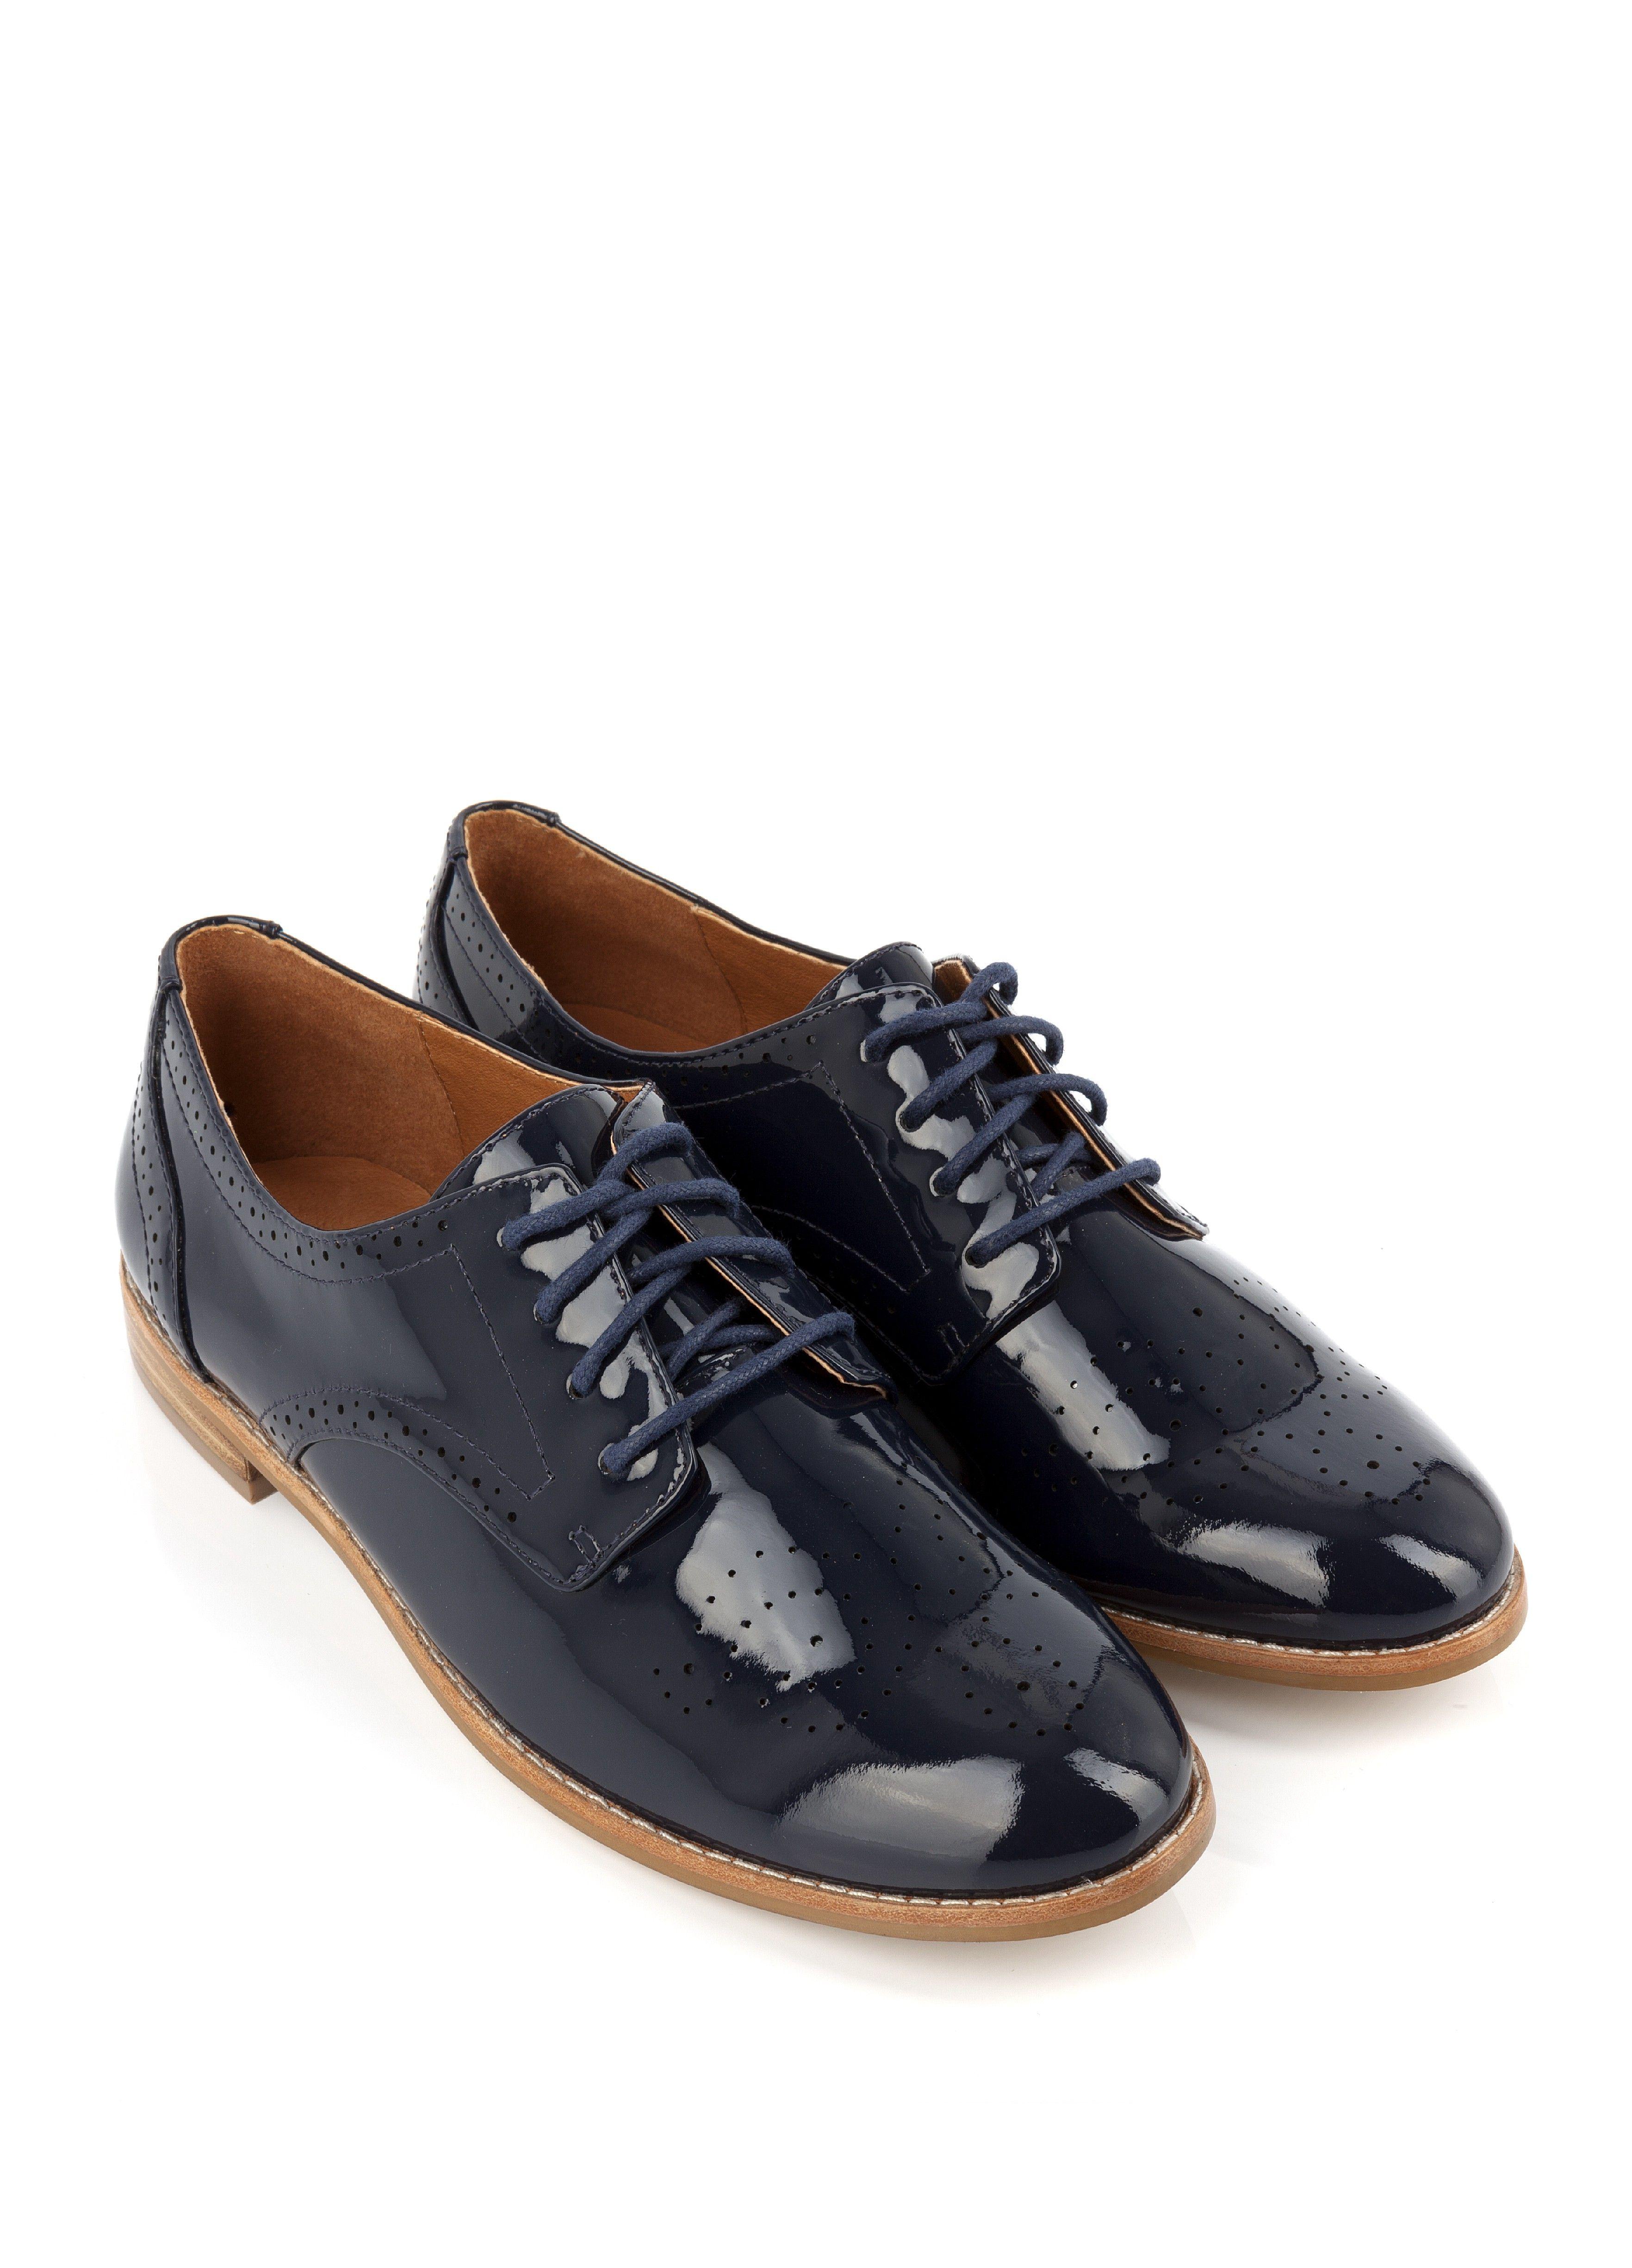 derby vanarel marine derby mocassin chaussures femme femme fashion pinterest derby. Black Bedroom Furniture Sets. Home Design Ideas